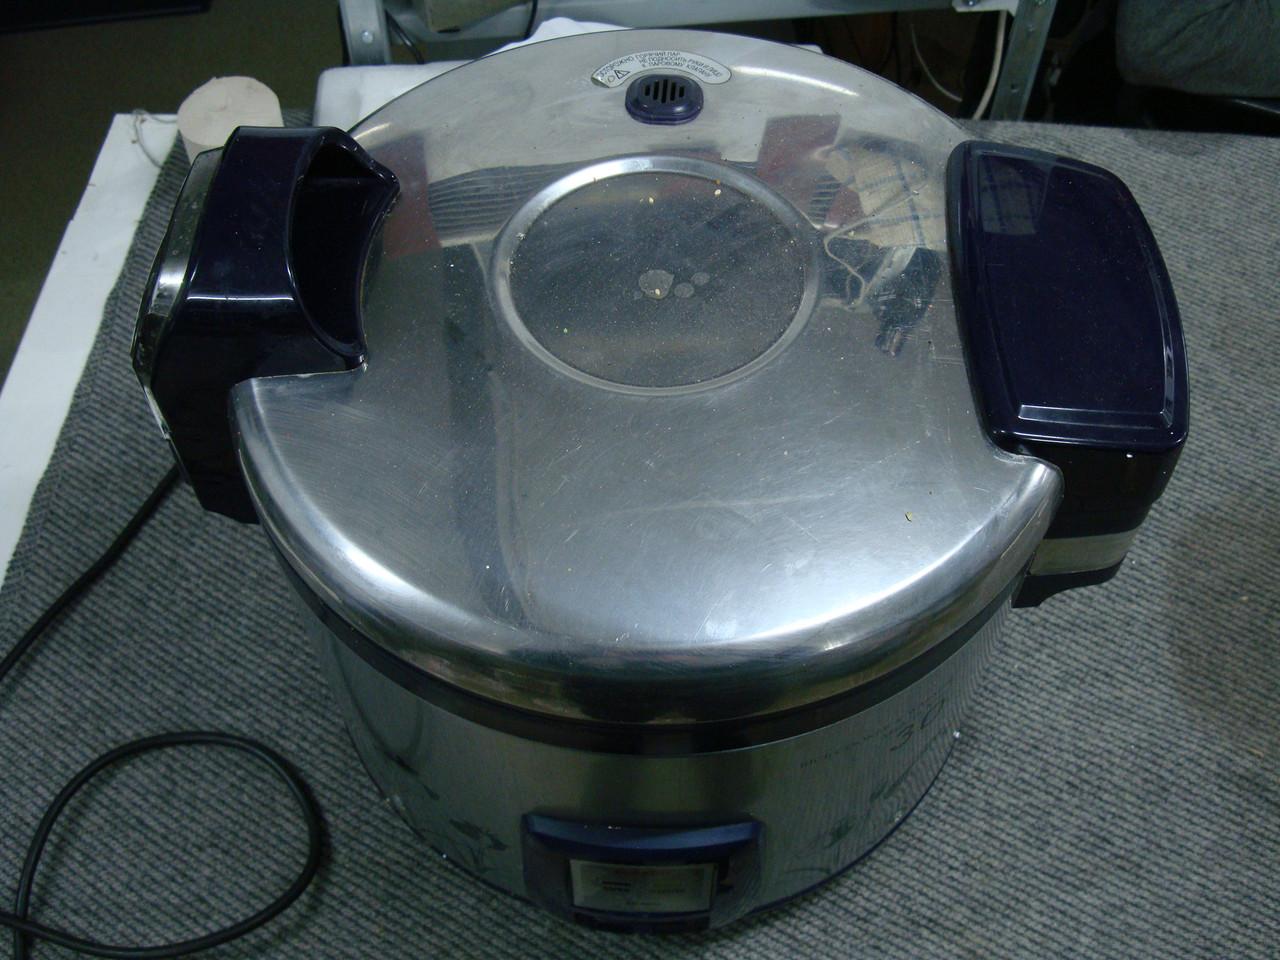 Профессиональная рисоварка Cuckoo CR-3021 с термосом.